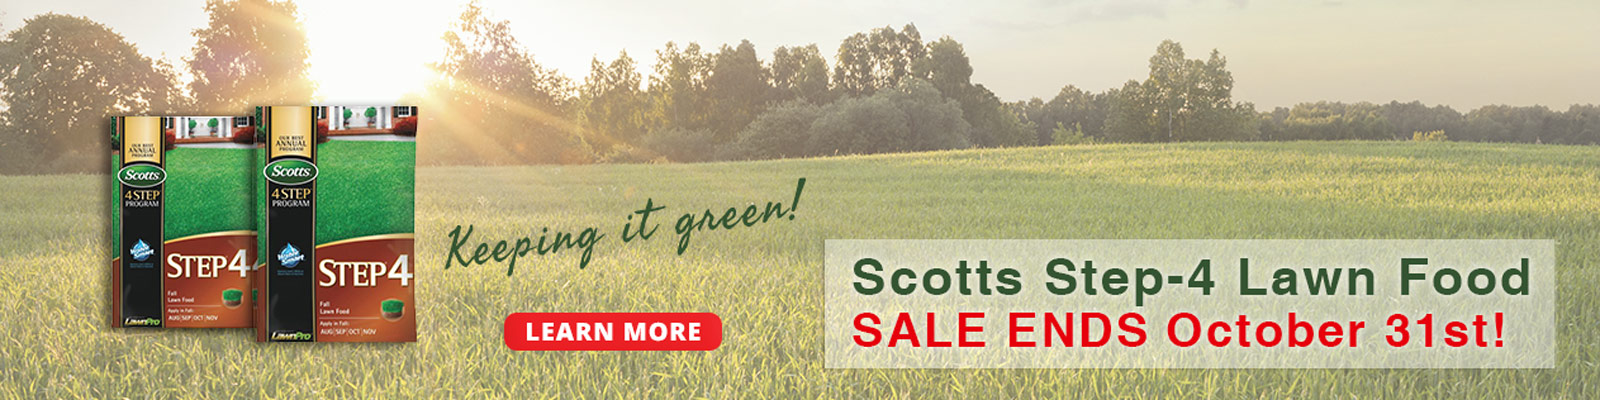 Scotts Step 4 Sale